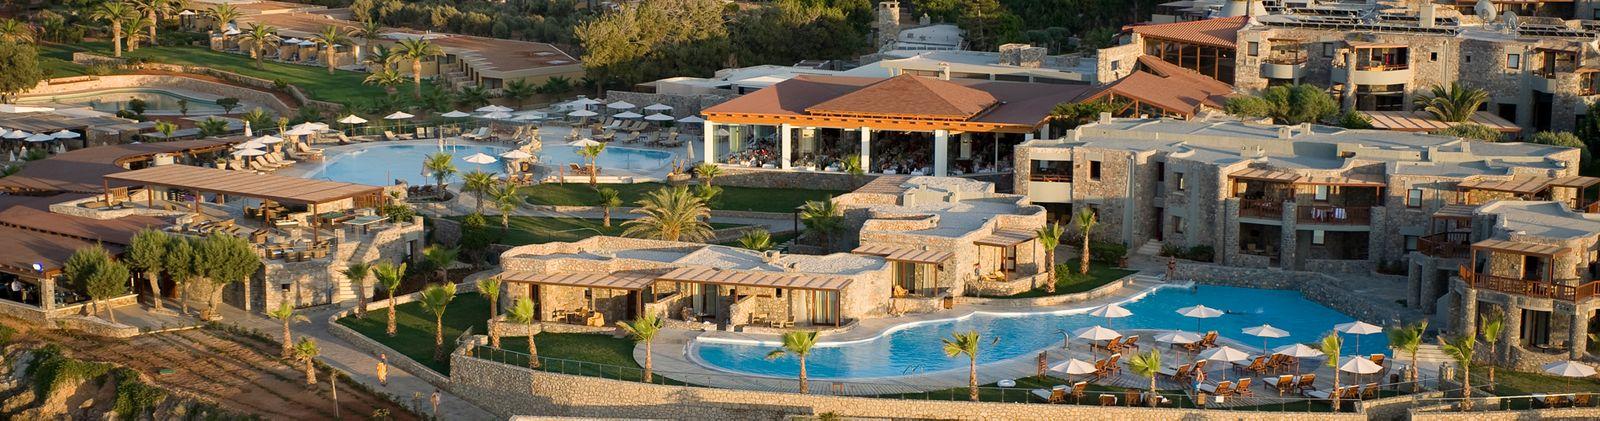 Kreta Ikaros Beach Hotel